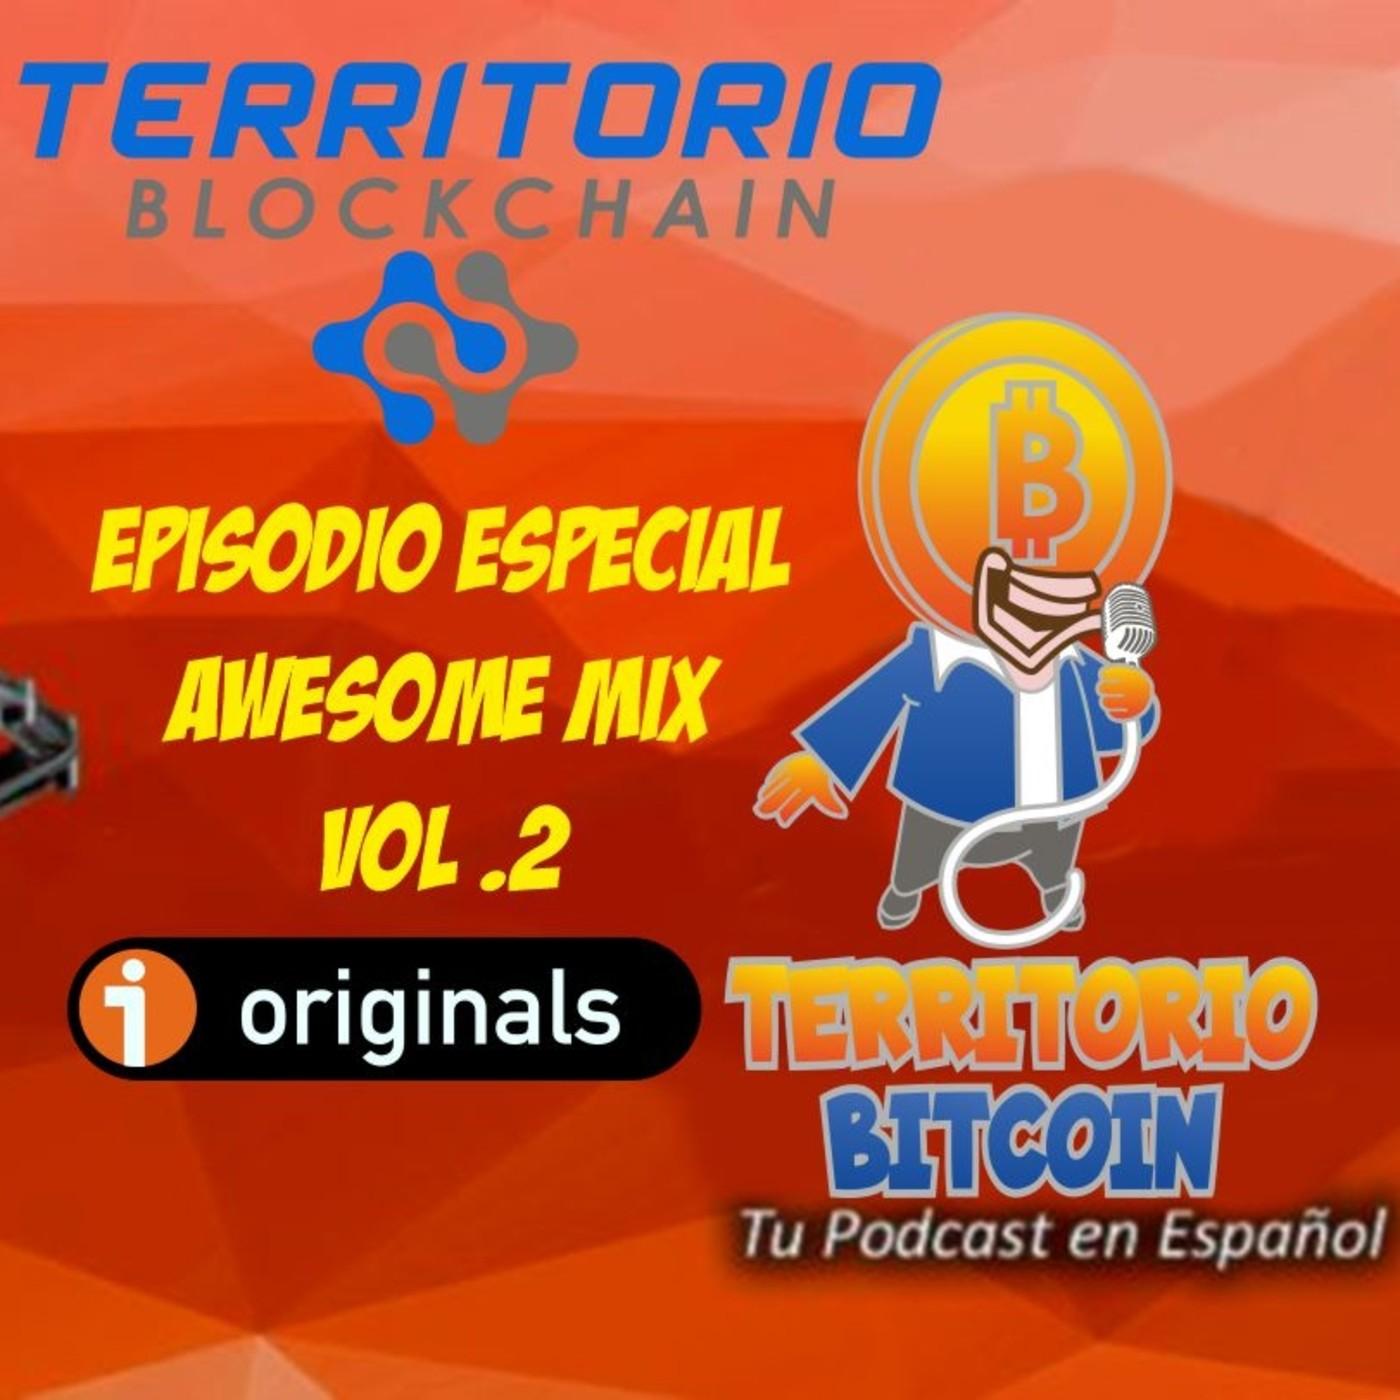 Awesome mix Vol2 la banda sonora del podcast blockchain